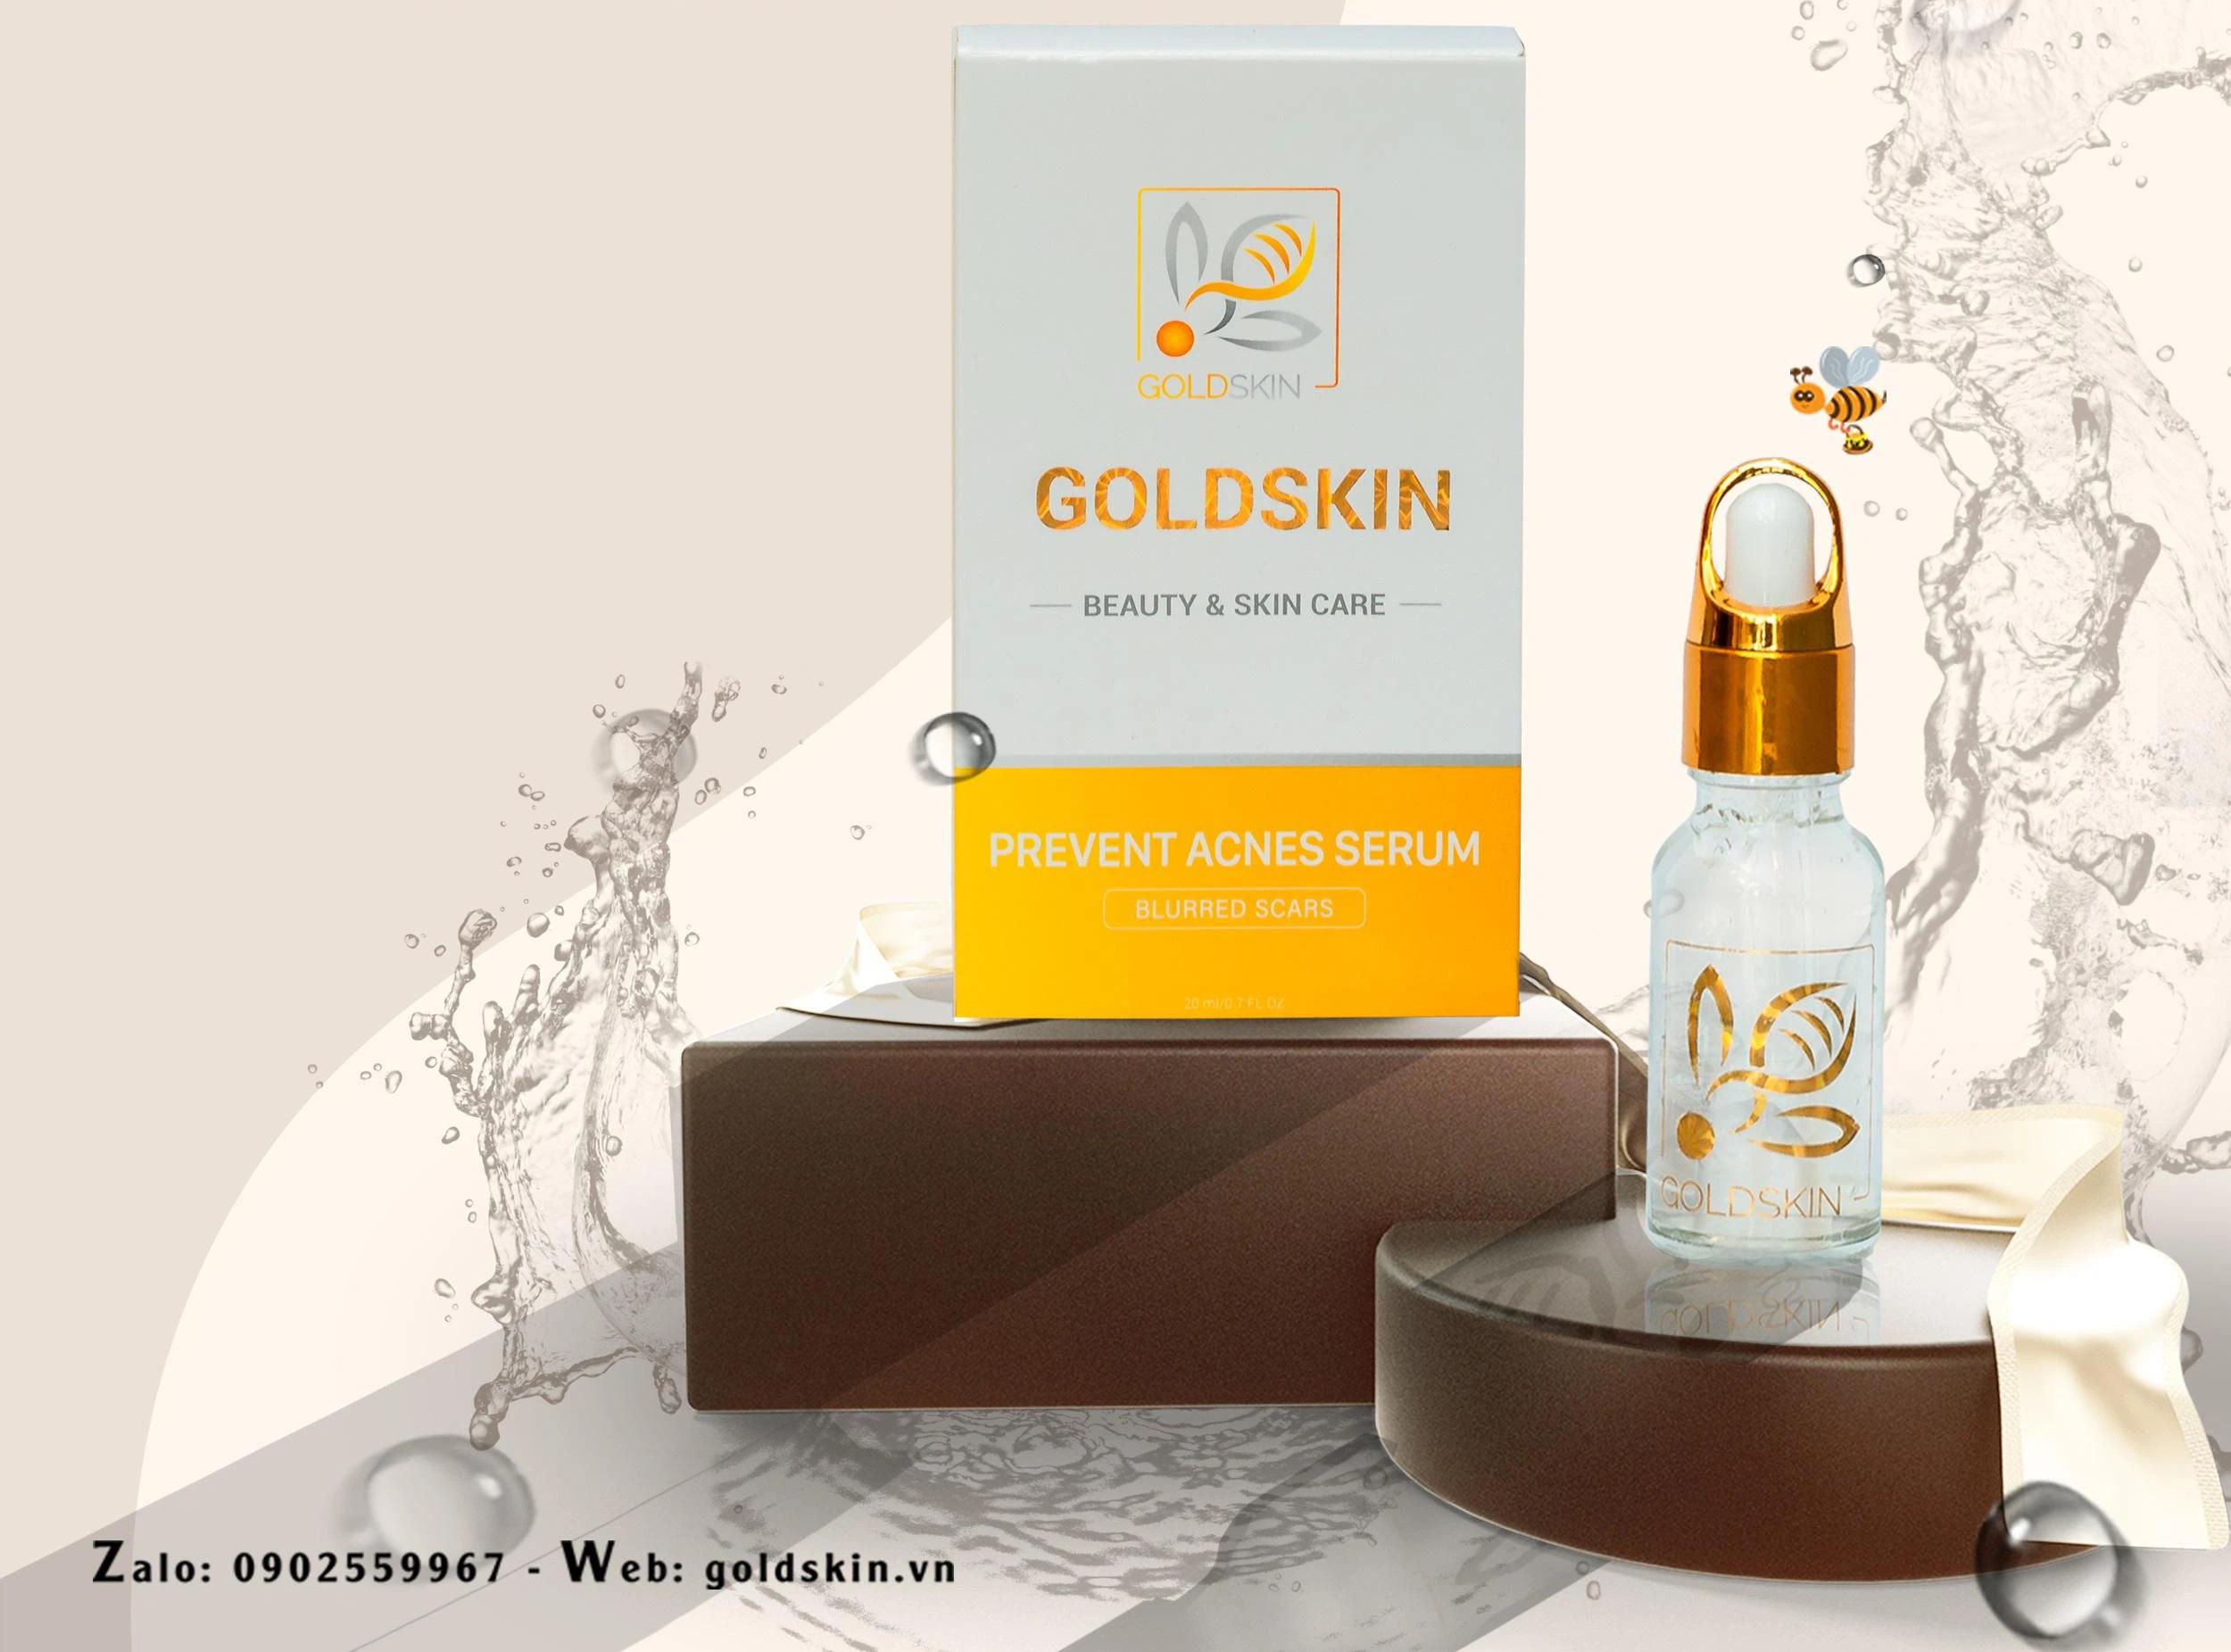 Goldskin – Serum hỗ trợ điều trị mụn trứng cá hiệu quả - Ảnh 1.